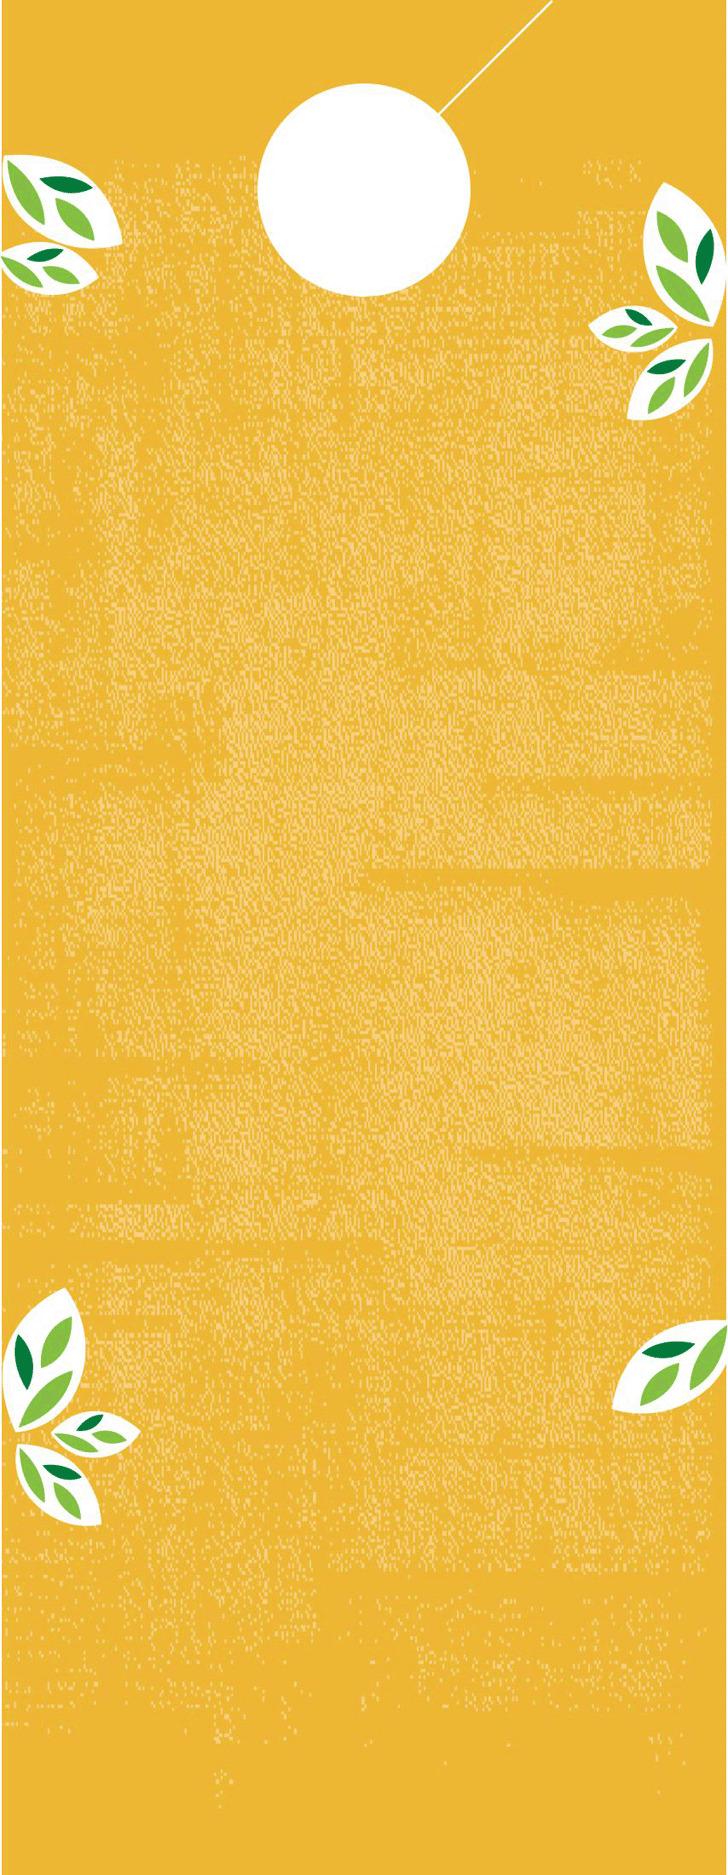 Restaurants Door Hanger Template | Download Free U0026 Premium Templates .